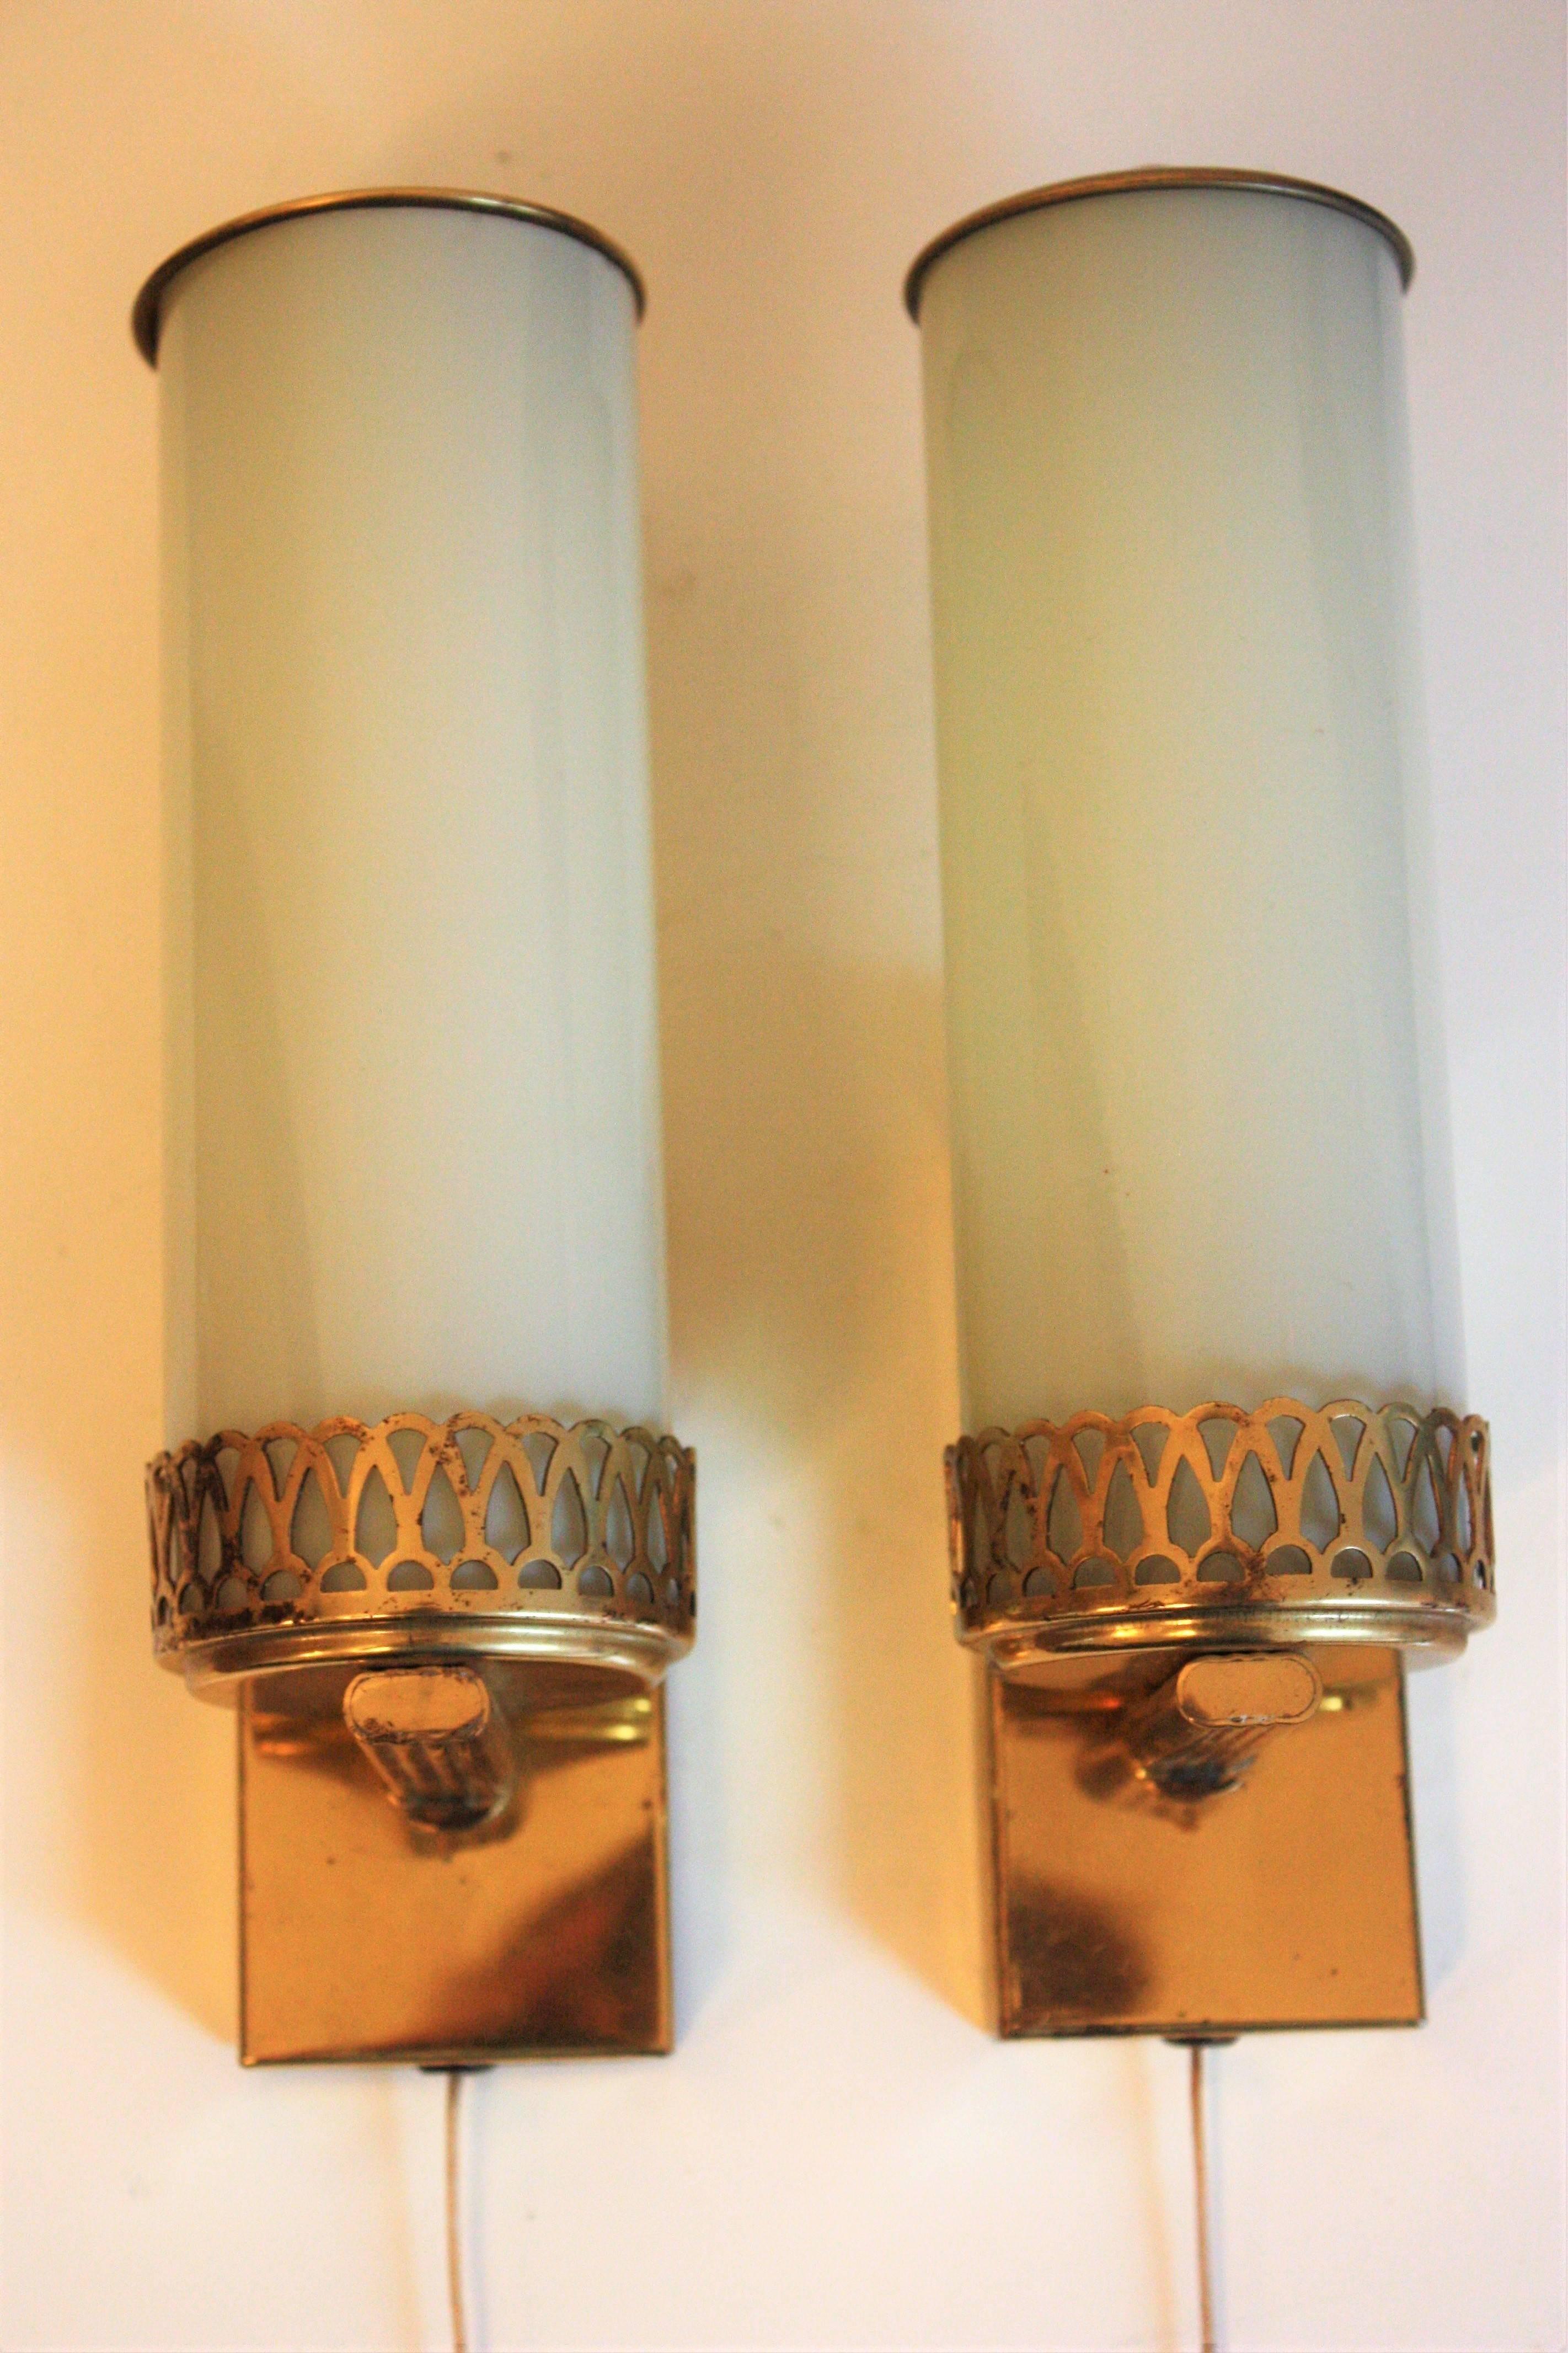 Bauhaus Art Deco Wall Sconces Brass and Opal Glass Wall Lights ...